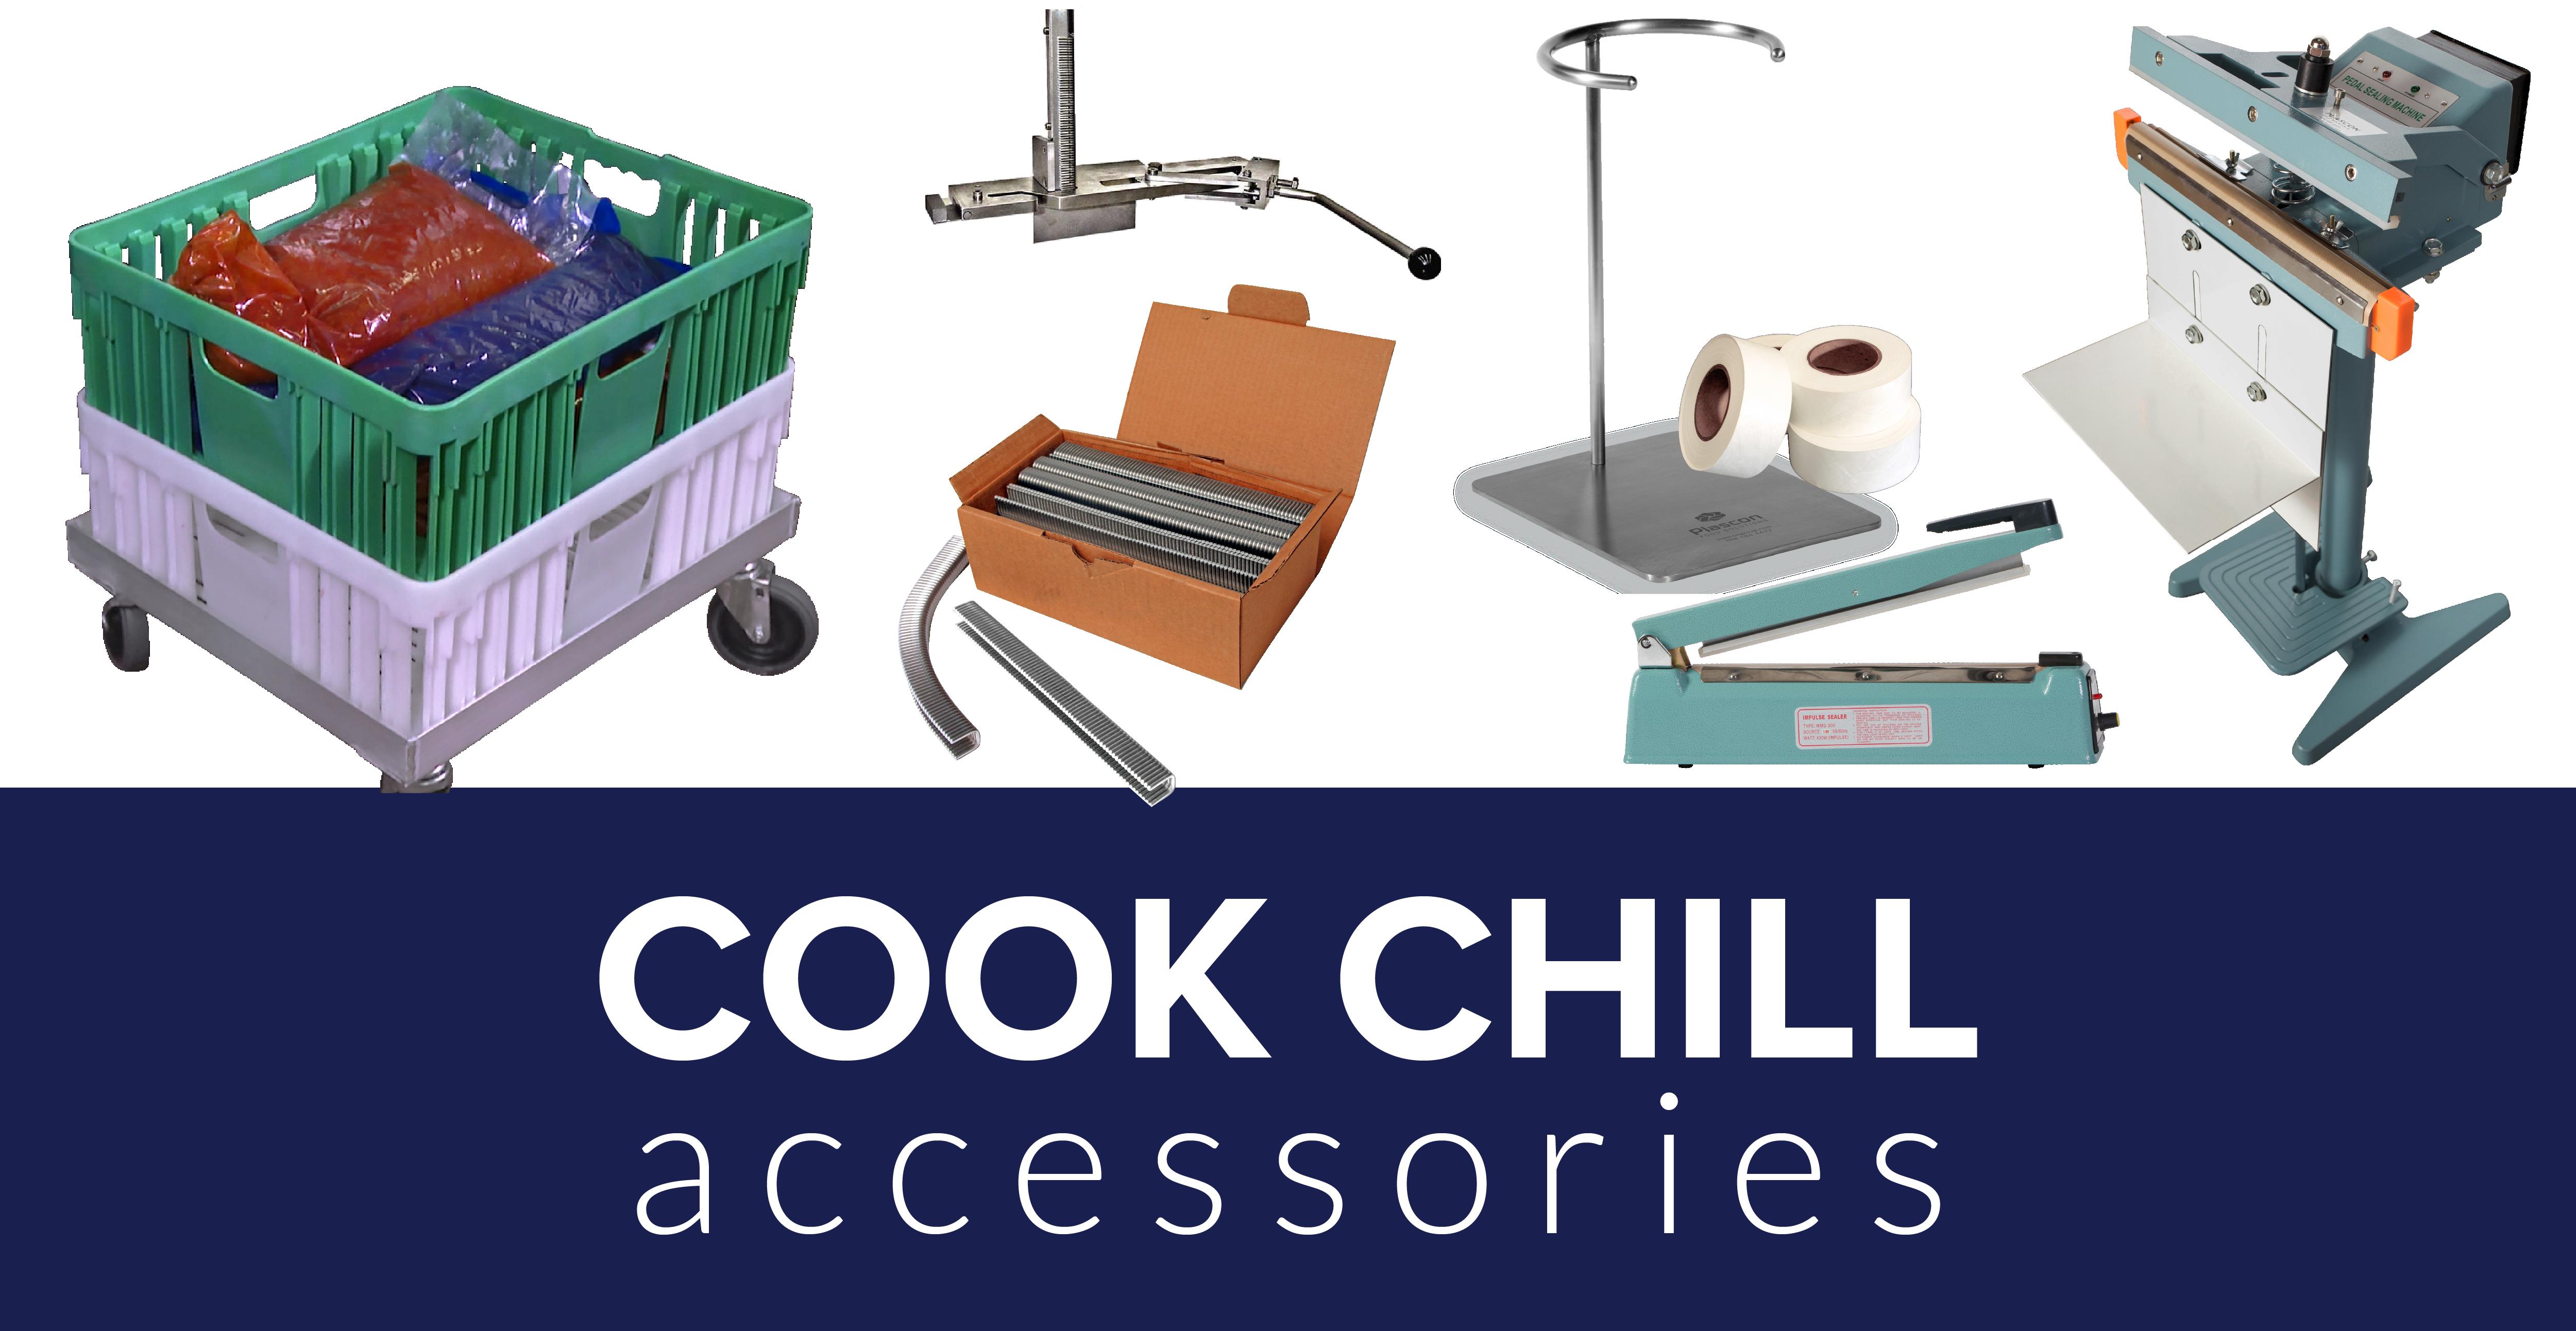 coock chill accessories